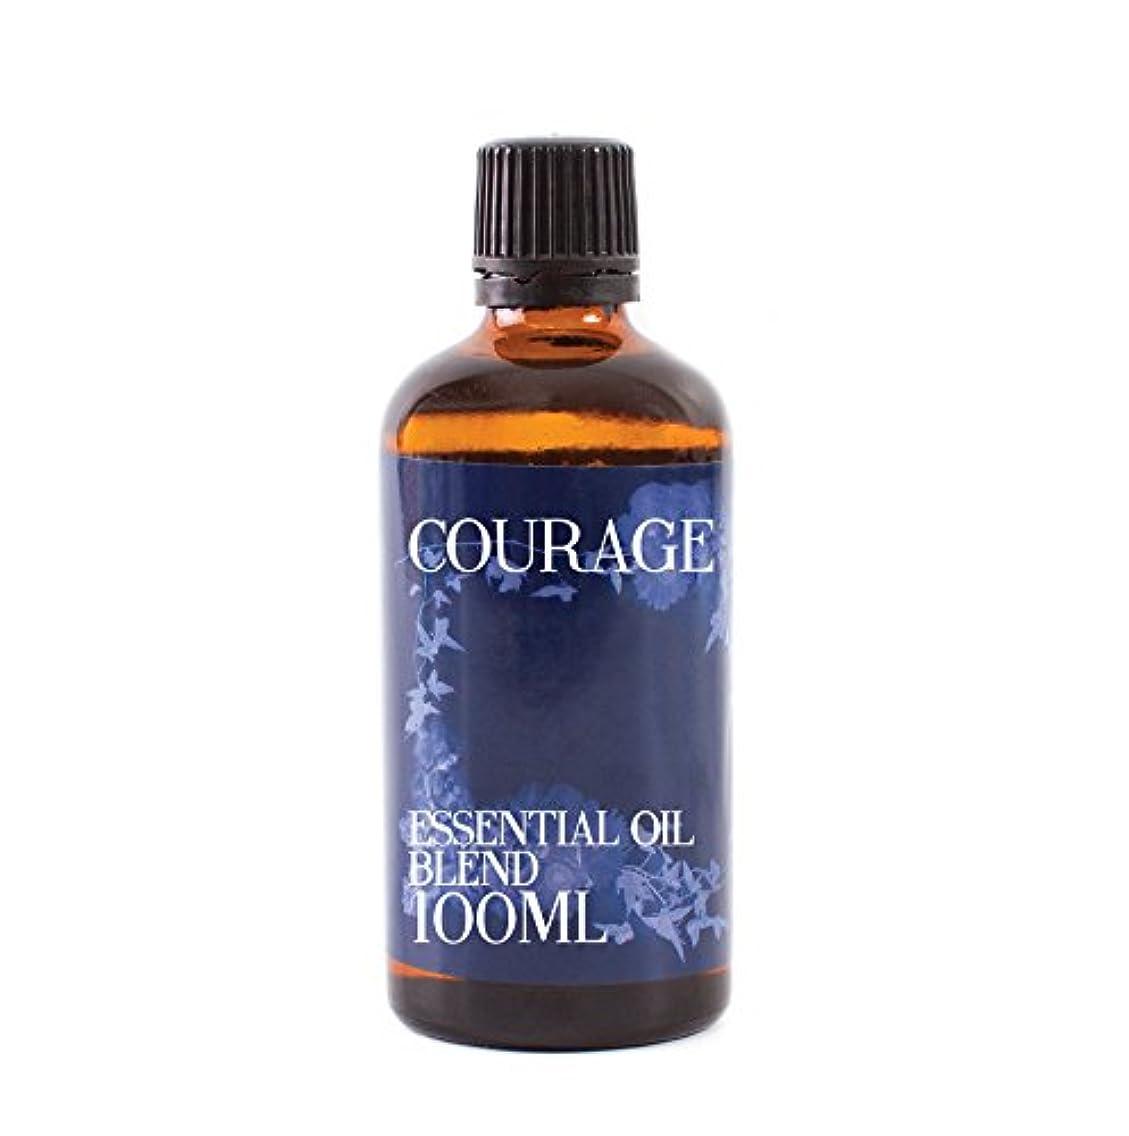 ブラケット遺棄されたそのようなMystic Moments | Courage Essential Oil Blend - 100ml - 100% Pure